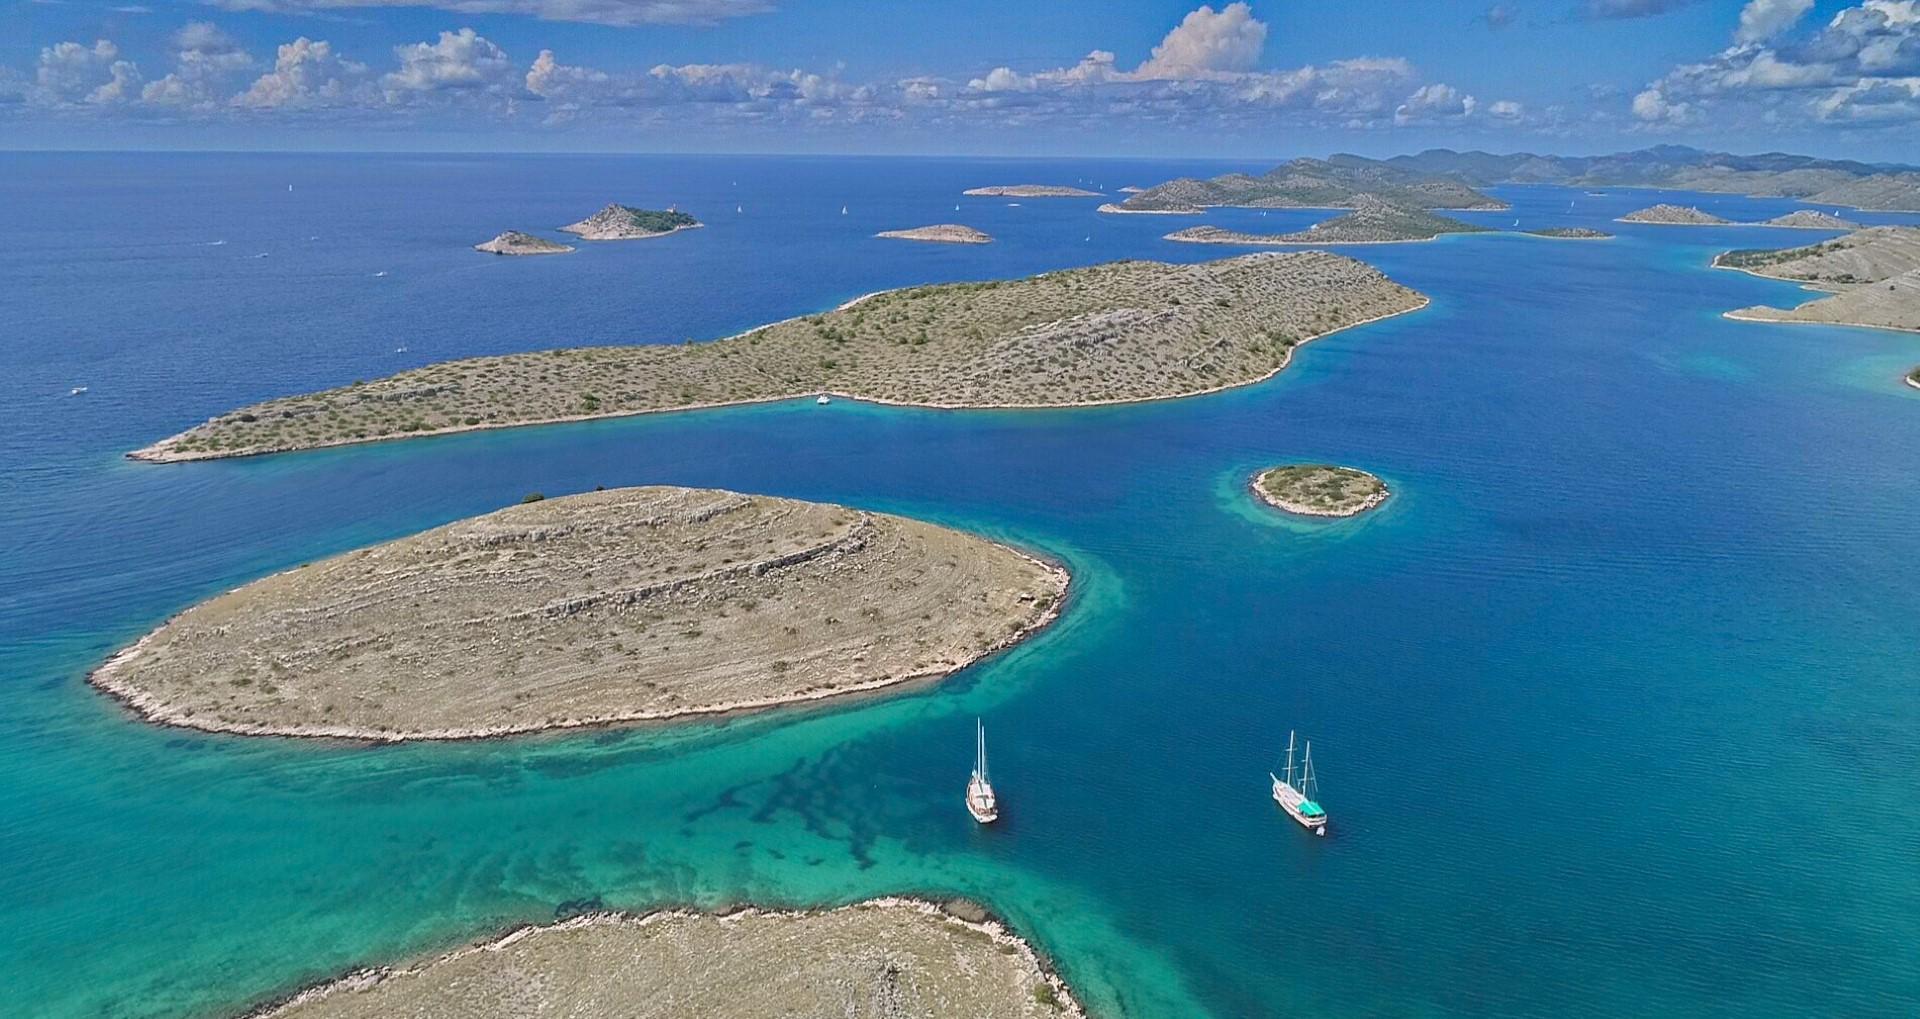 Donnavventura: in navigazione tra le isole della Croazia